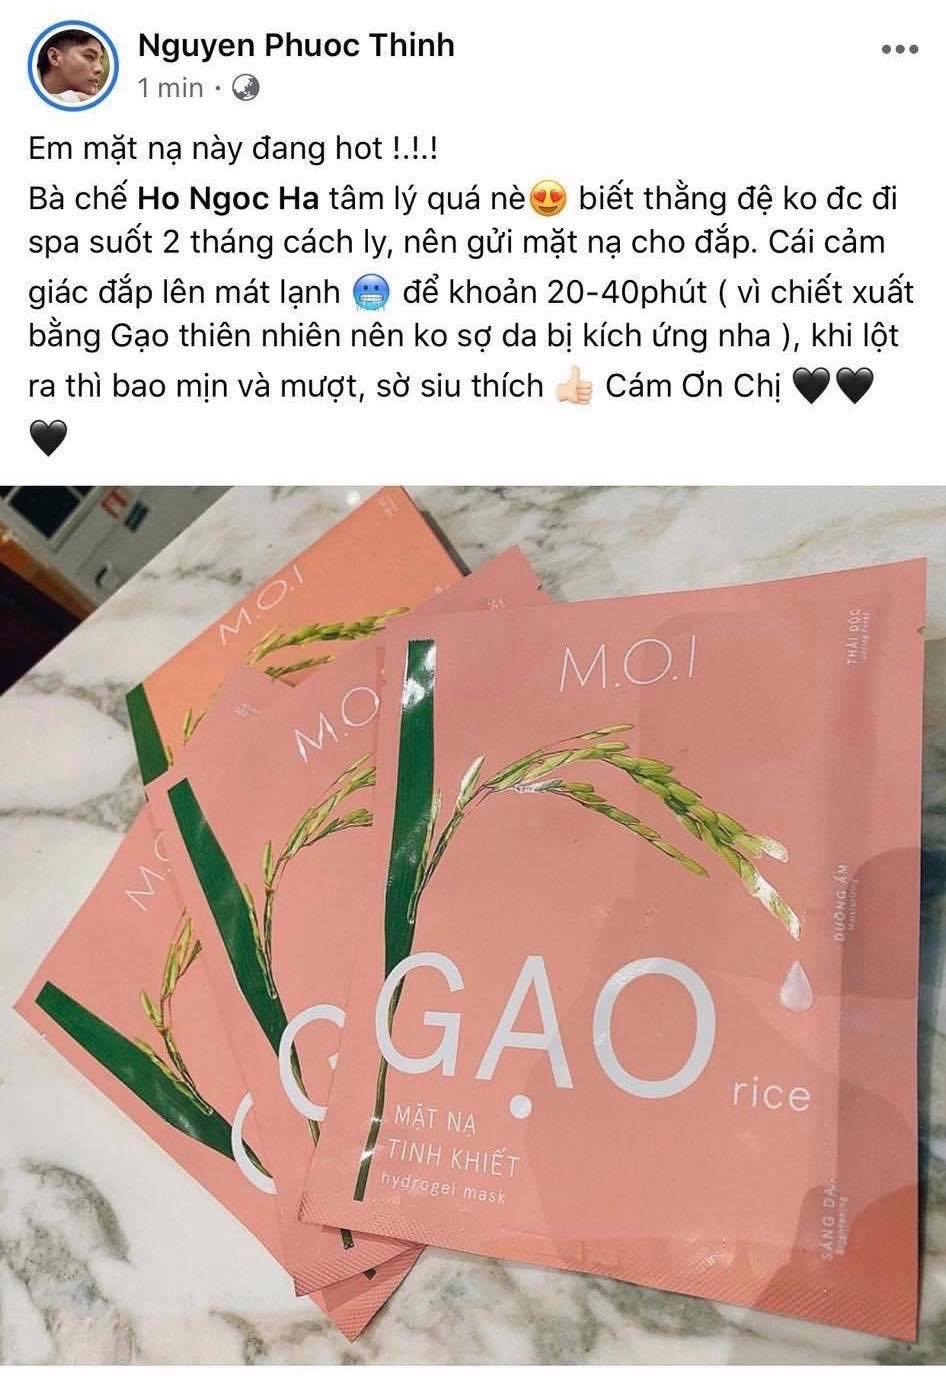 khach-hang-su-dung-mat-na-MOI-ho-ngoc-ha